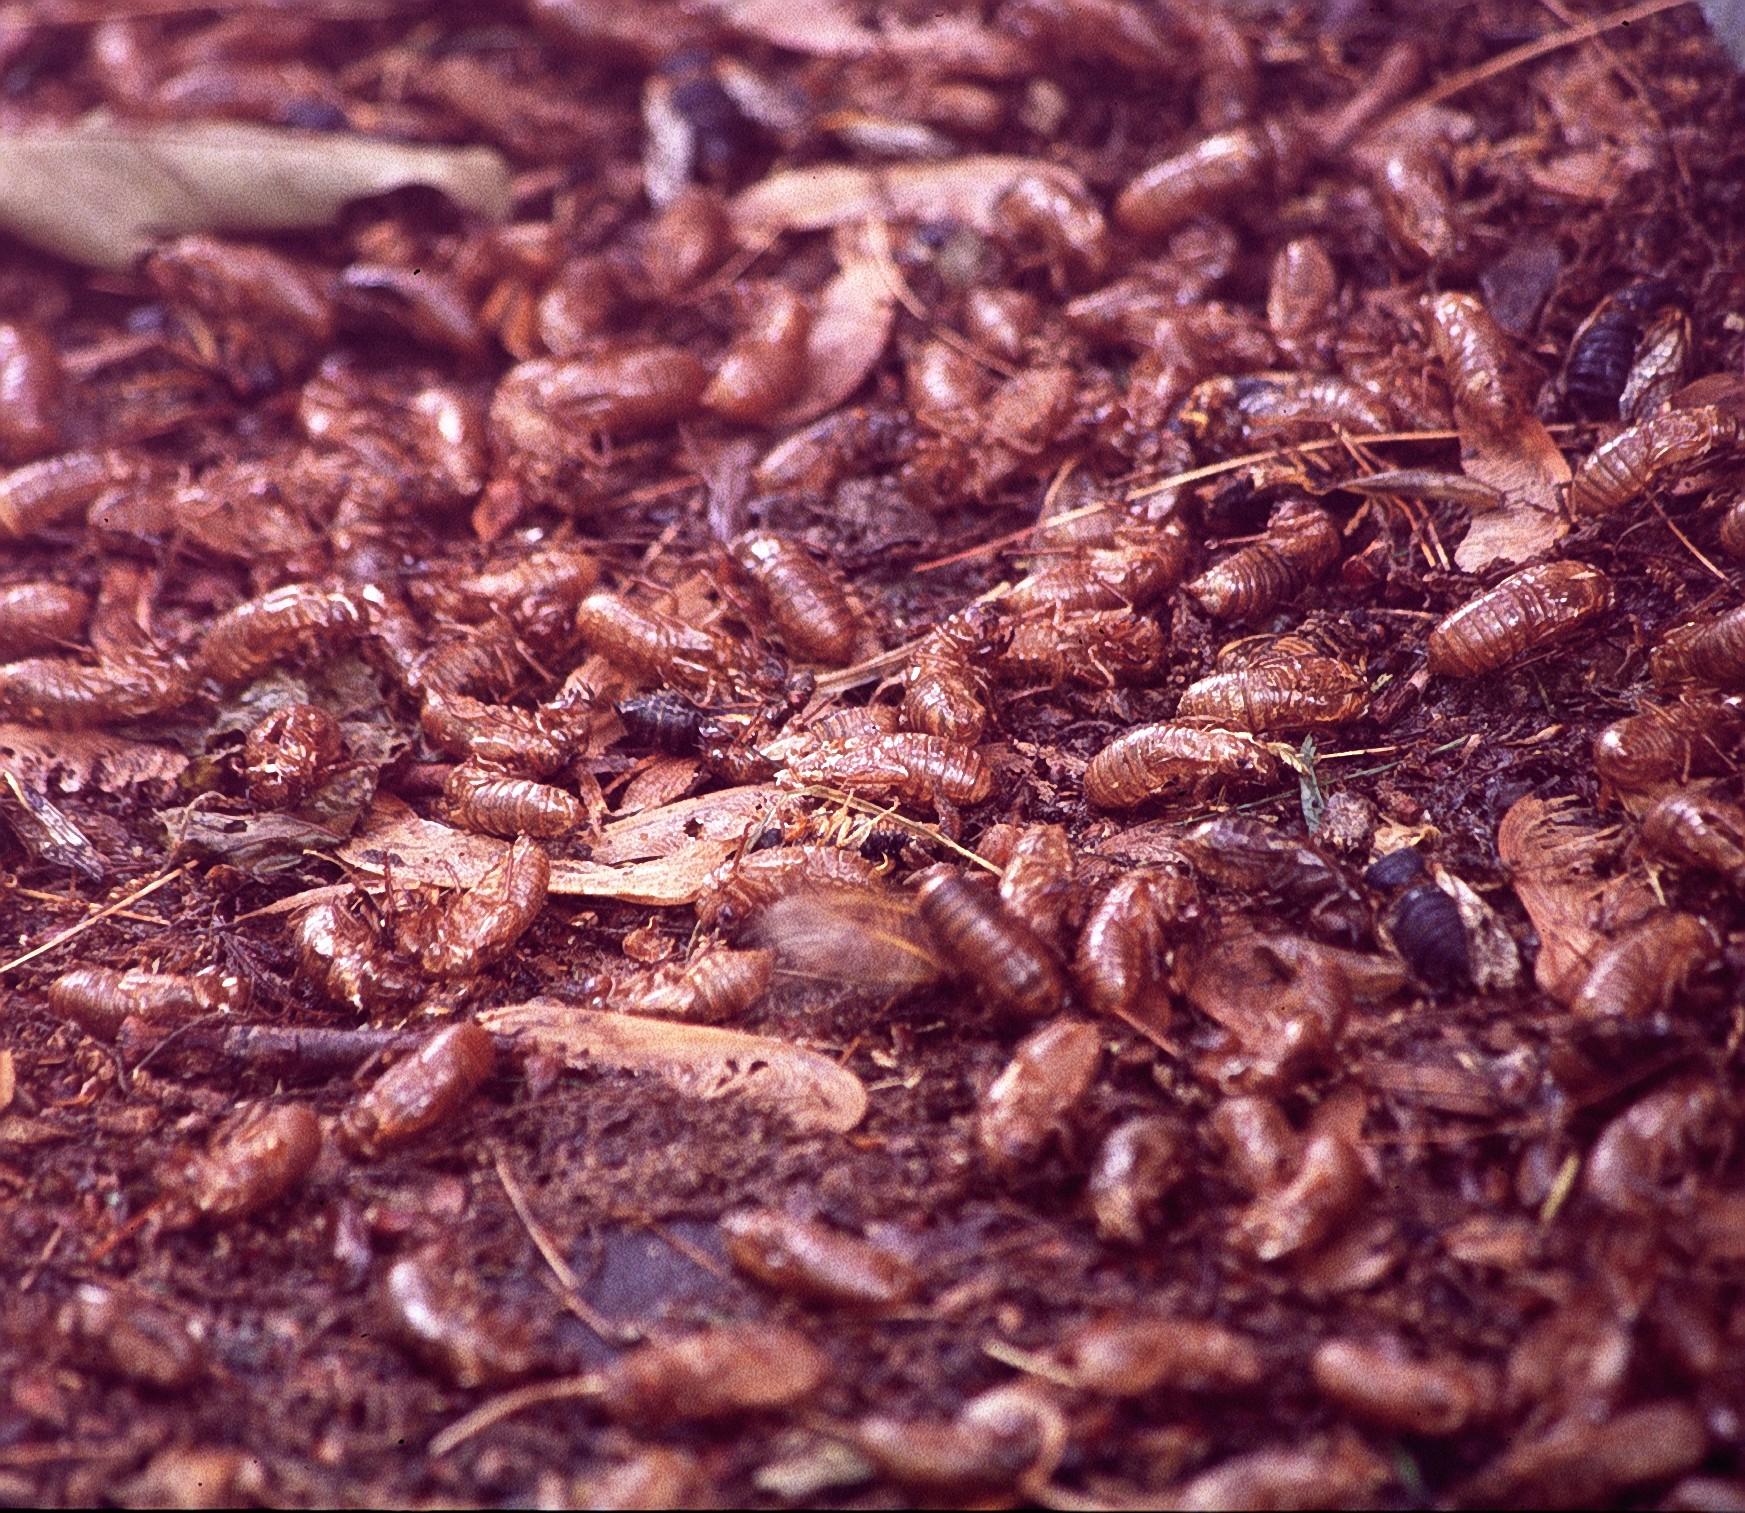 dead cicadas at end of season